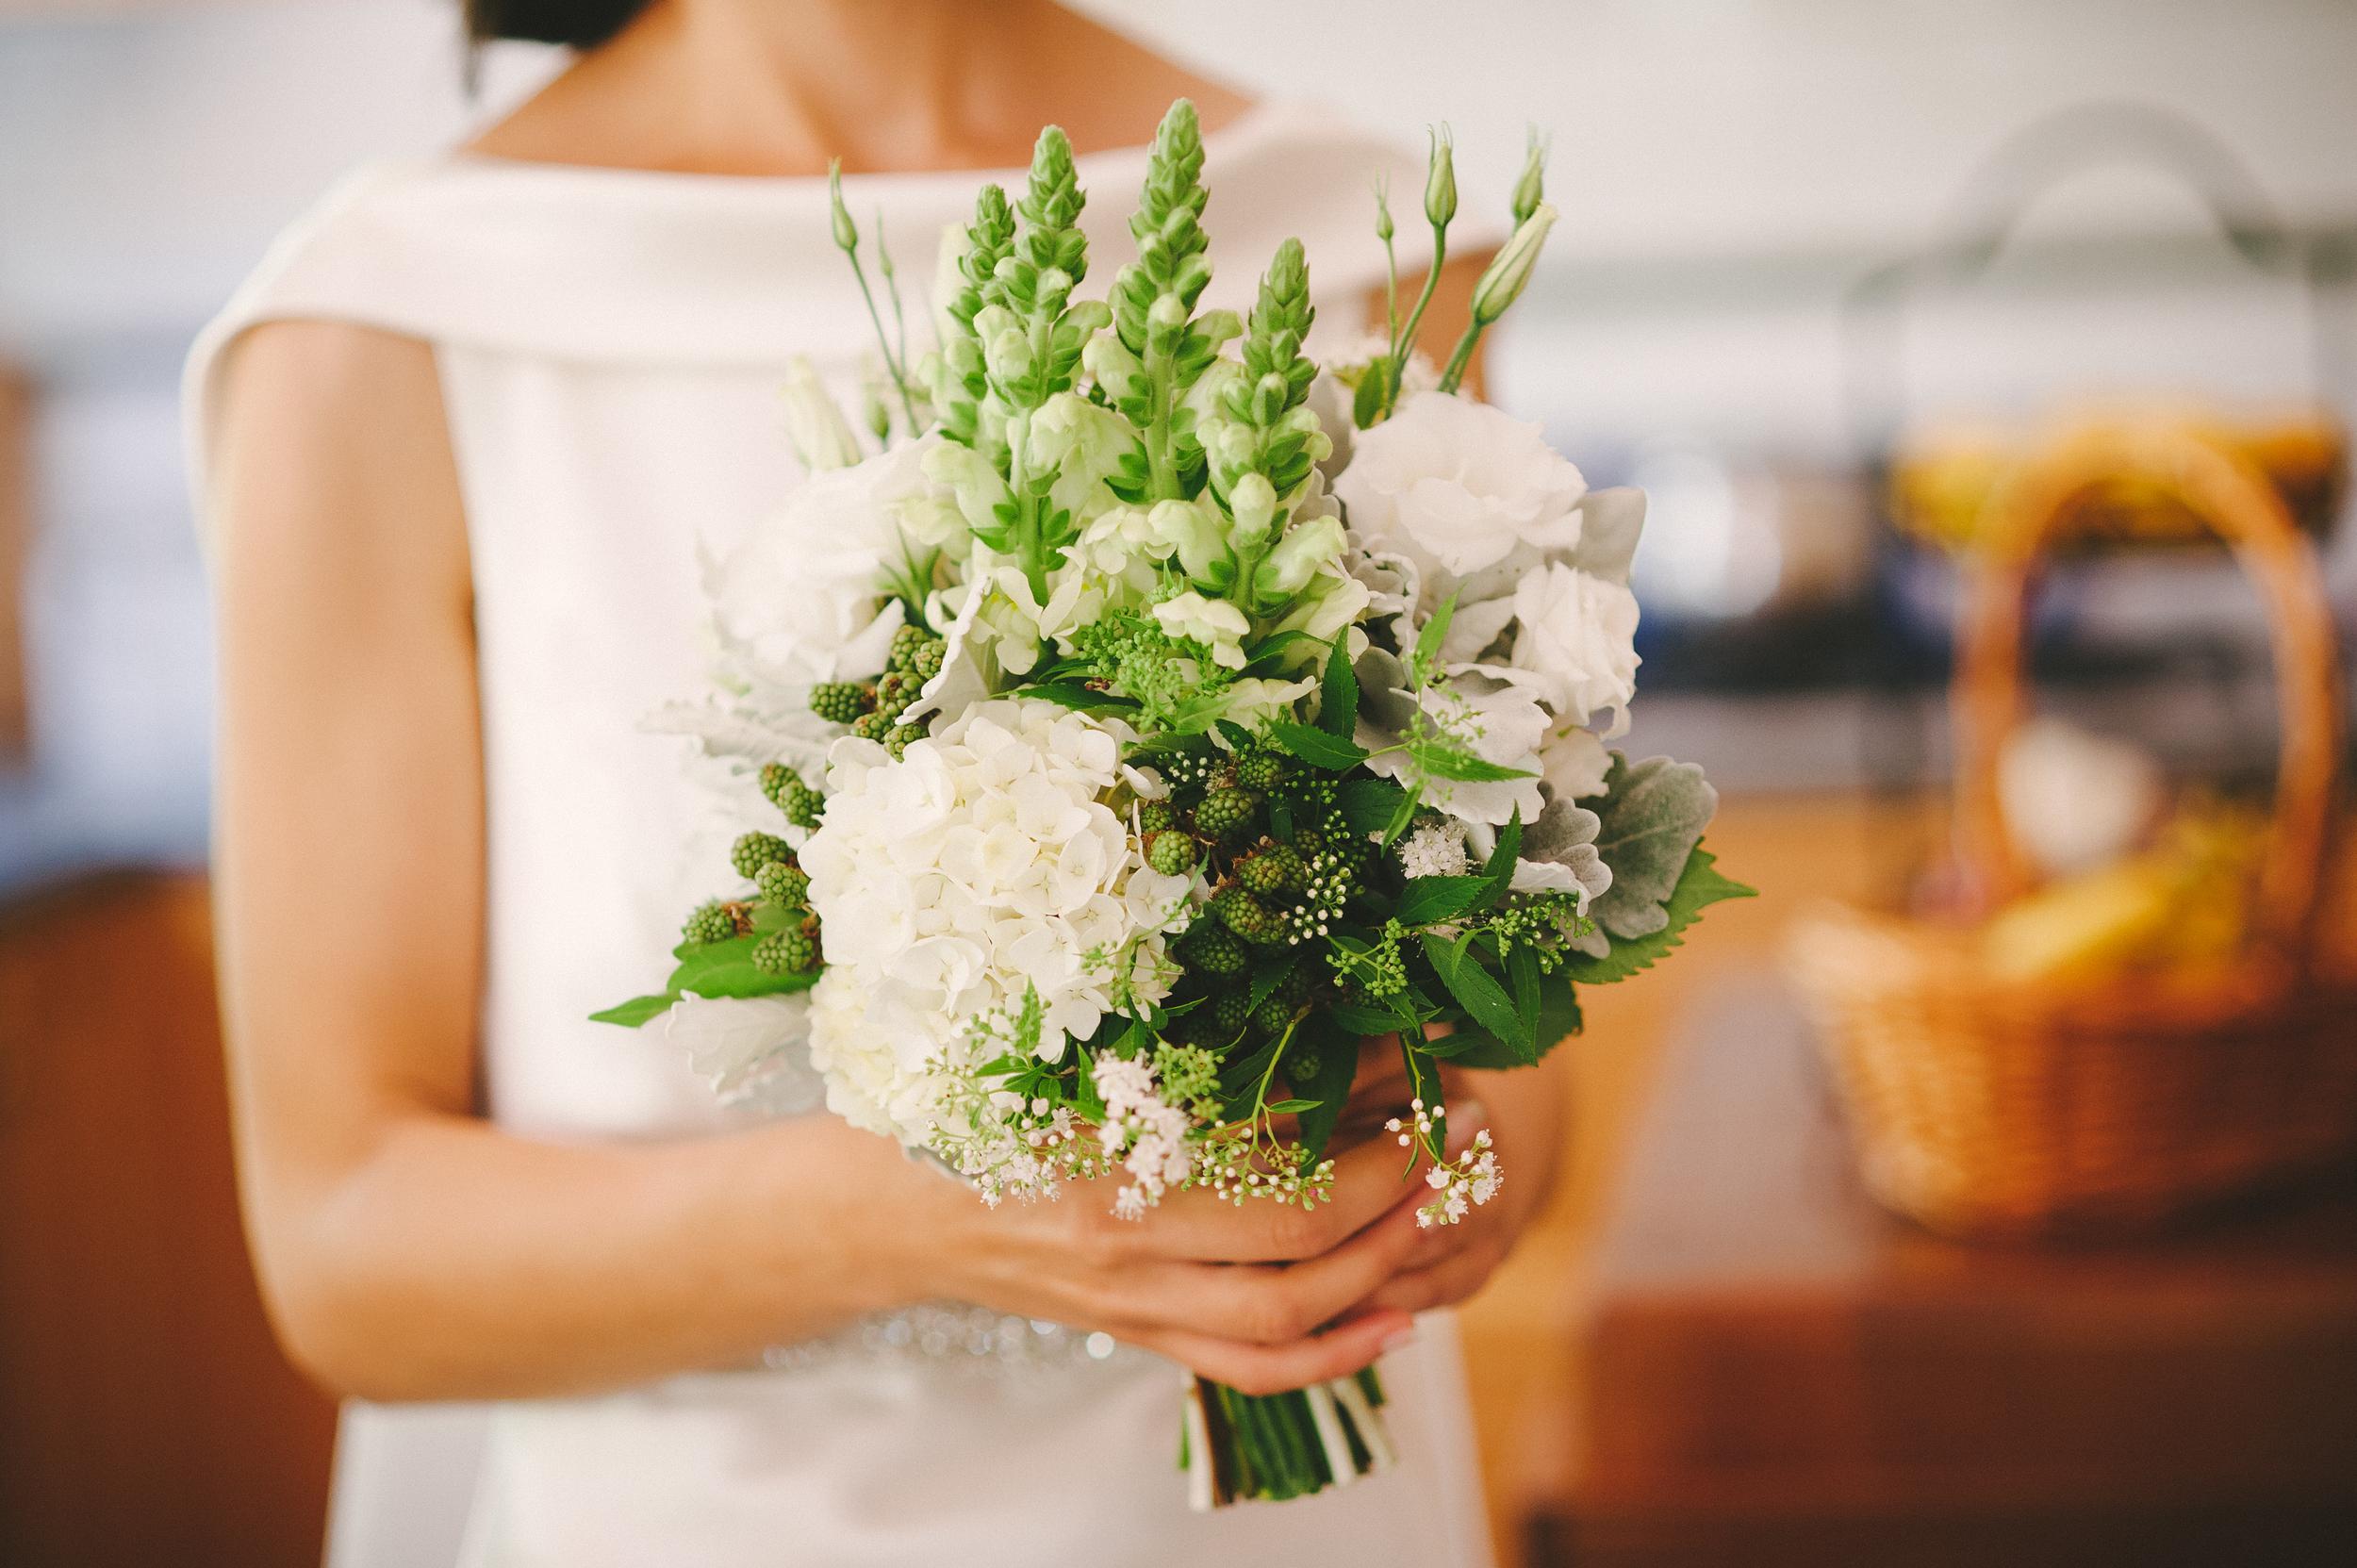 Deanna's Wedding Bouquet